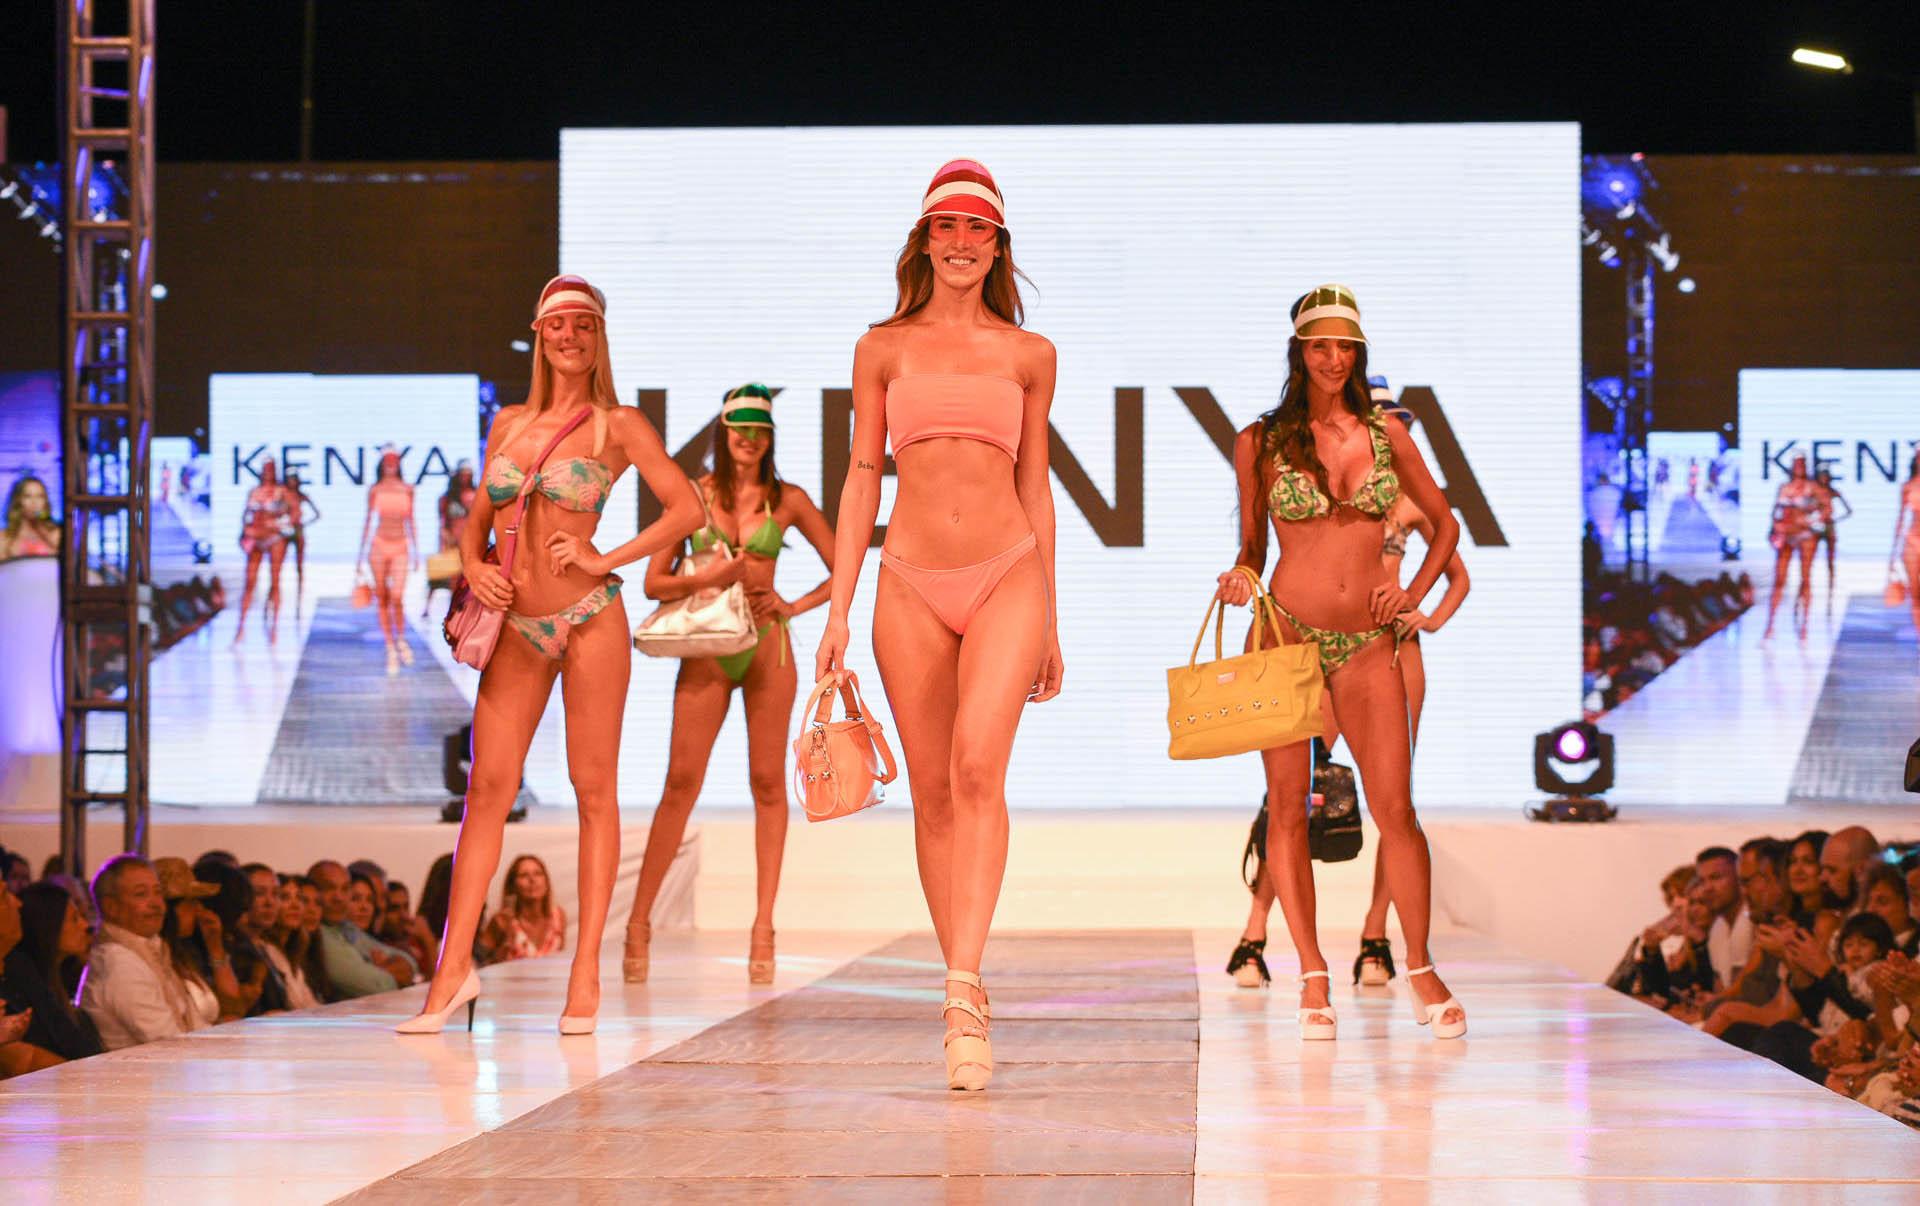 """Kenya, marca local, oriunda de Pinamar, presentó su colección de bikinis """"ready to shine"""", con formato triangulito, de un hombro y bandó"""